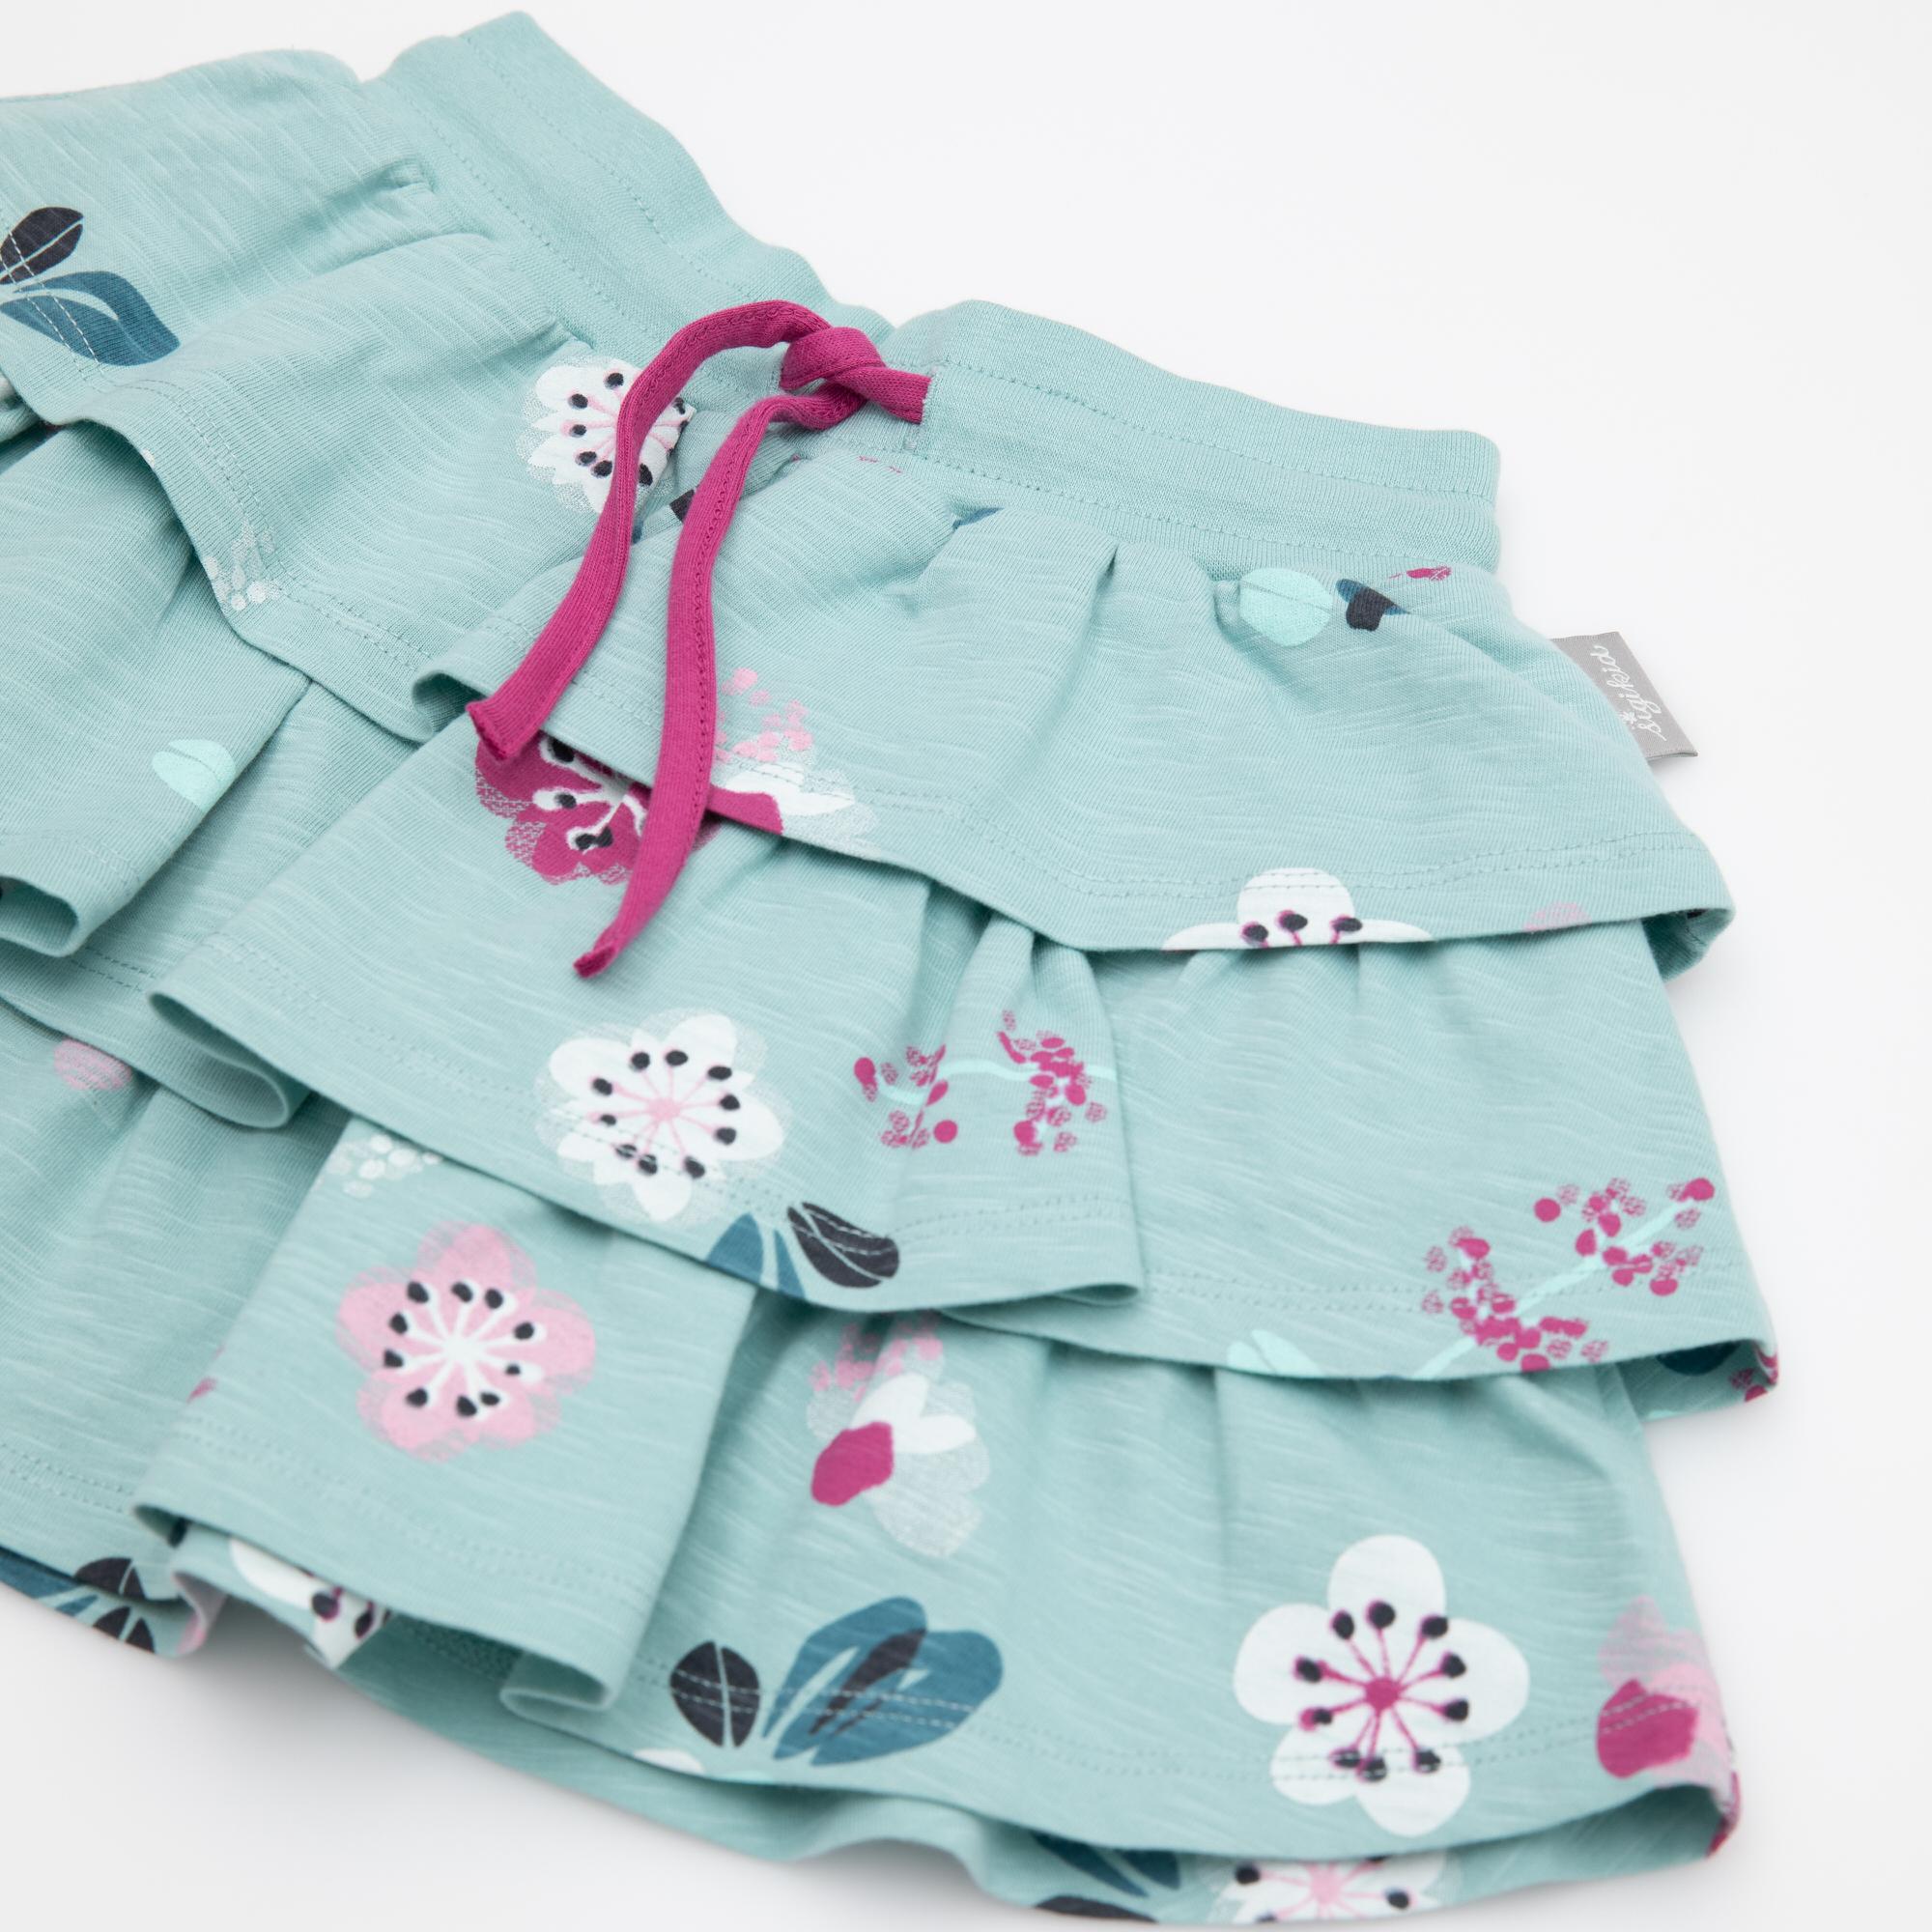 ABPHQTO Kapuzendecke Robe mit Ärmeln Design für | blogger.com